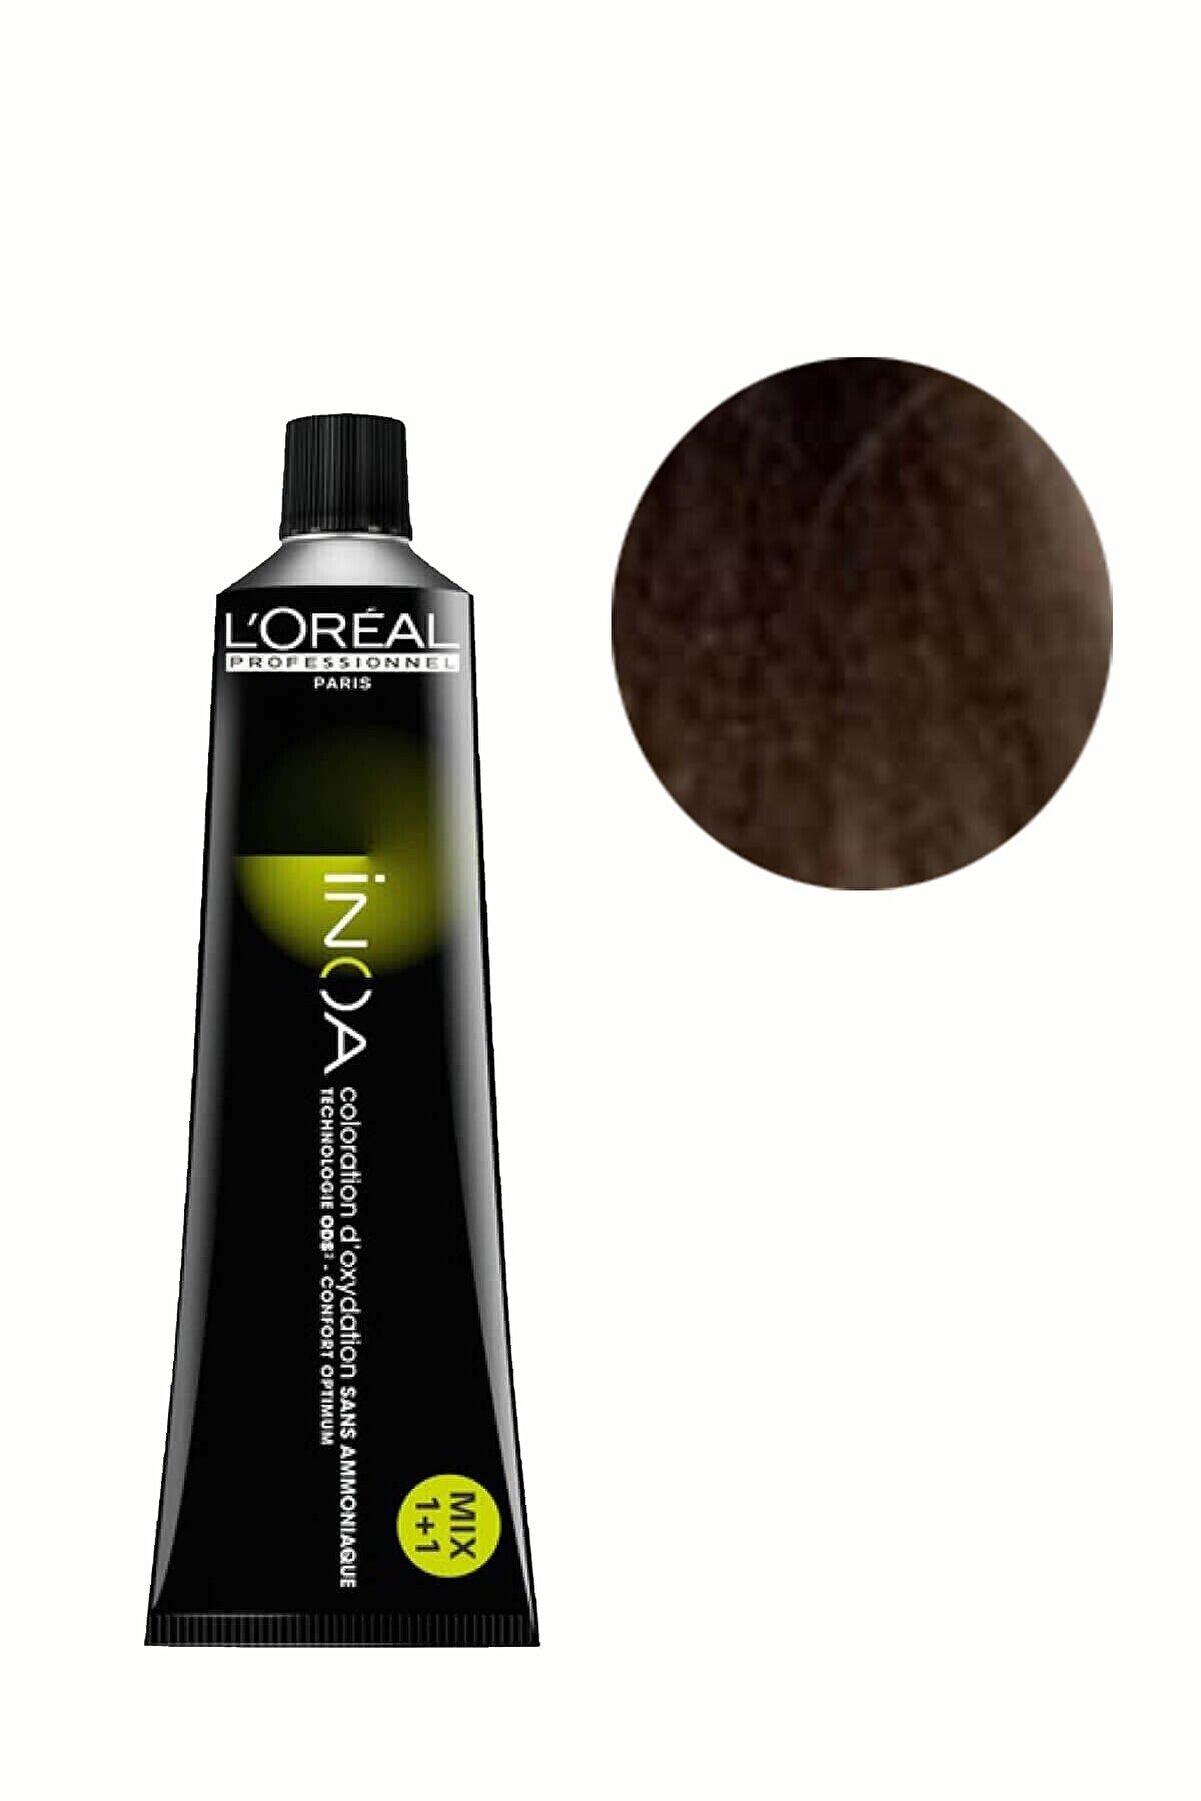 İNOA 8,11 Açık Kumral Yoğun Küllü Saç Boyası 3474630568525